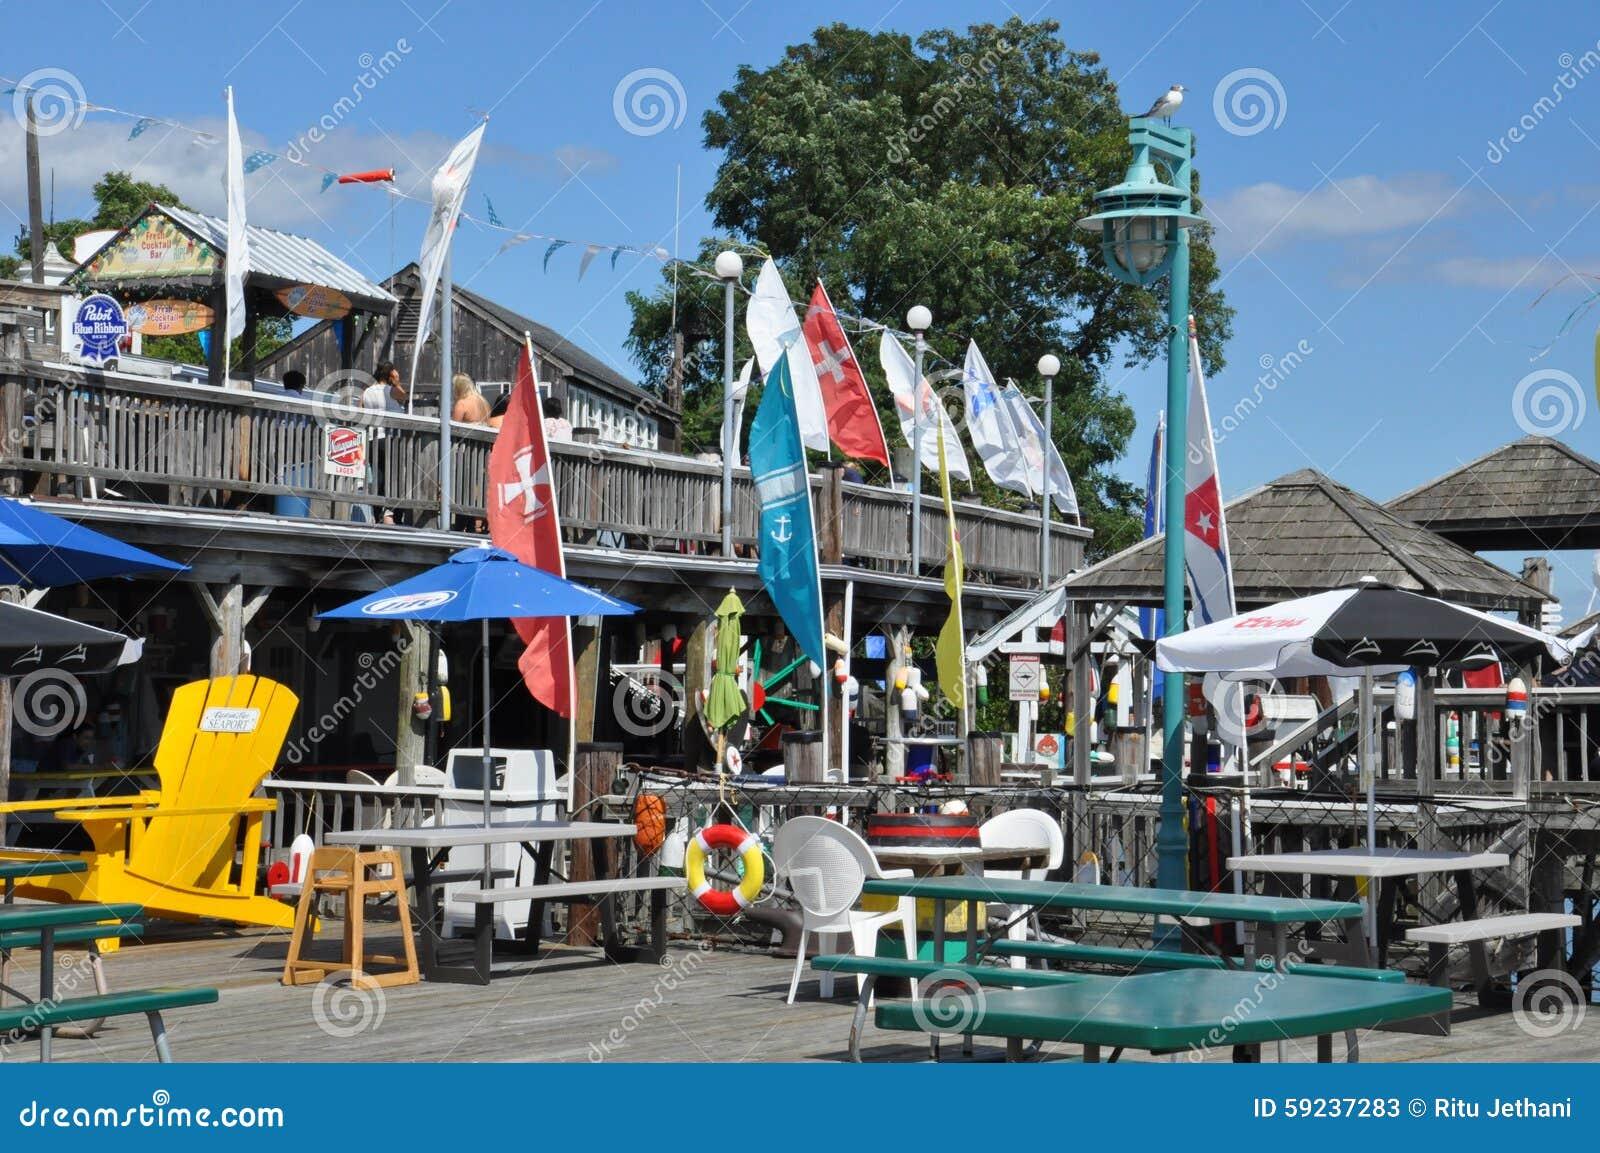 是有滑动空间的服务周到小游艇船坞400条小船和房子古雅商店和餐馆的.